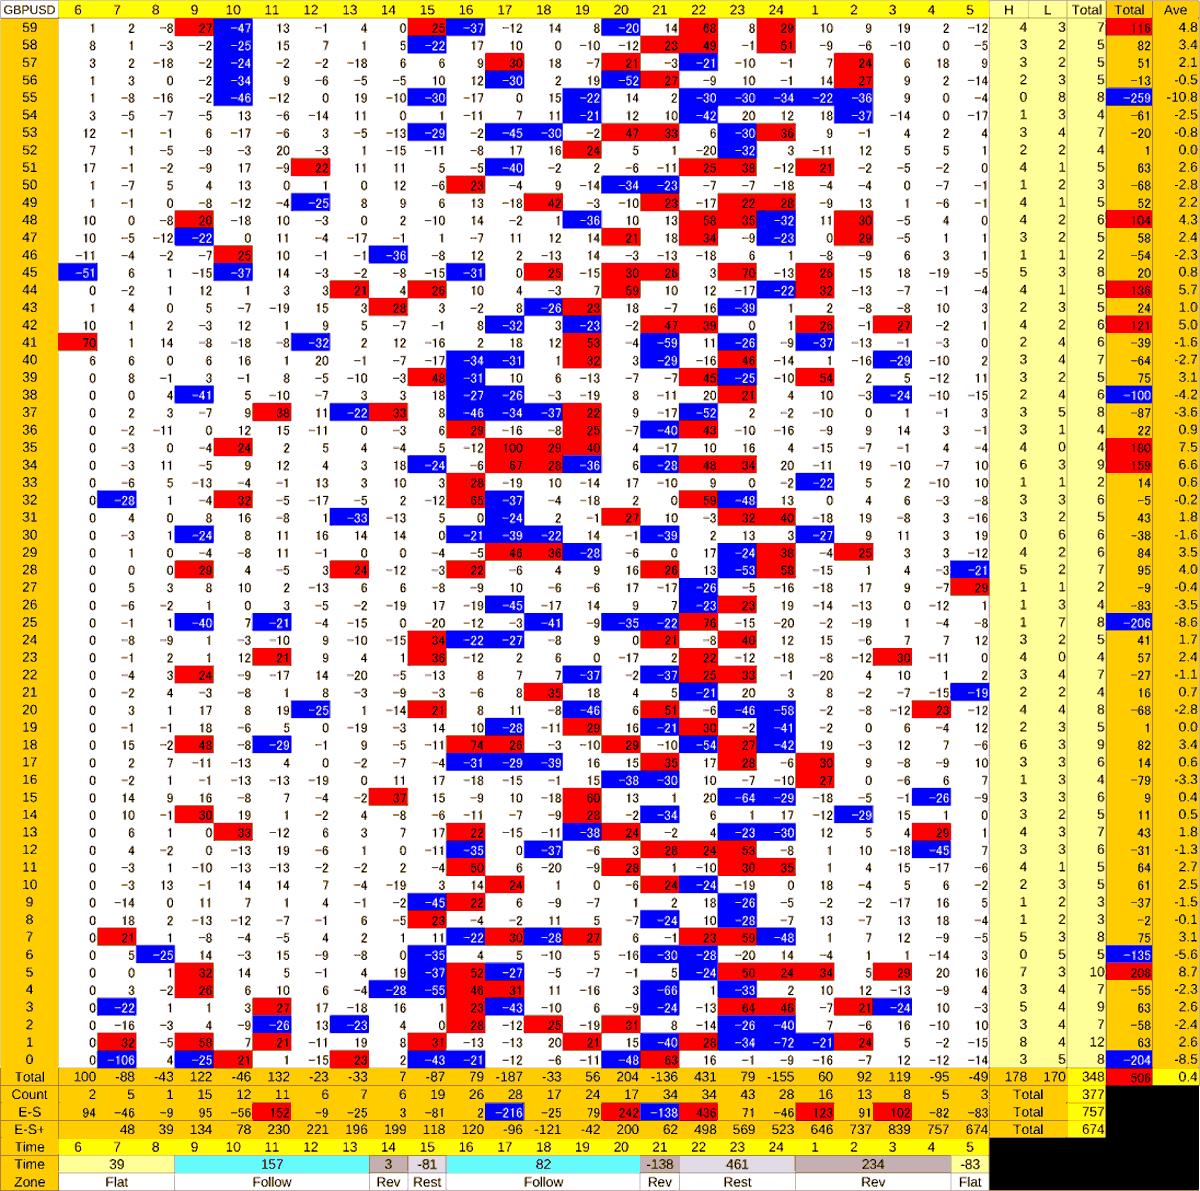 20200708_HS(2)GBPUSD